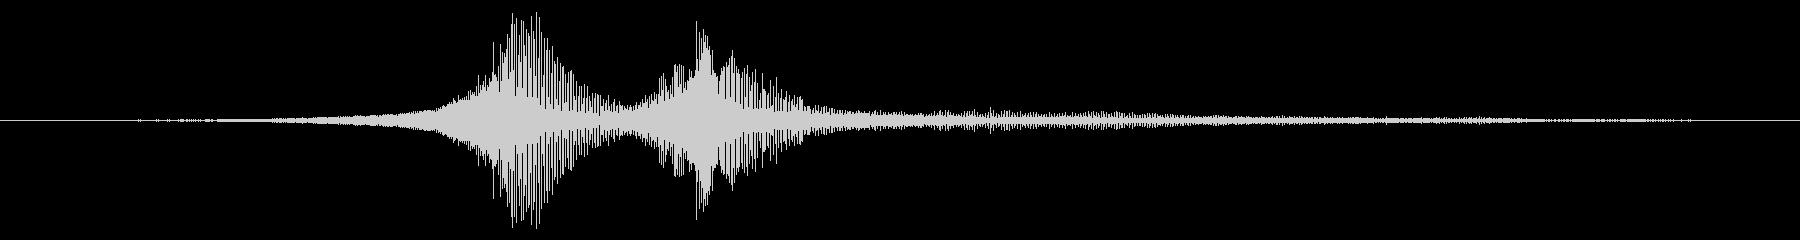 軽量在庫:中速で2つの近接パスの未再生の波形